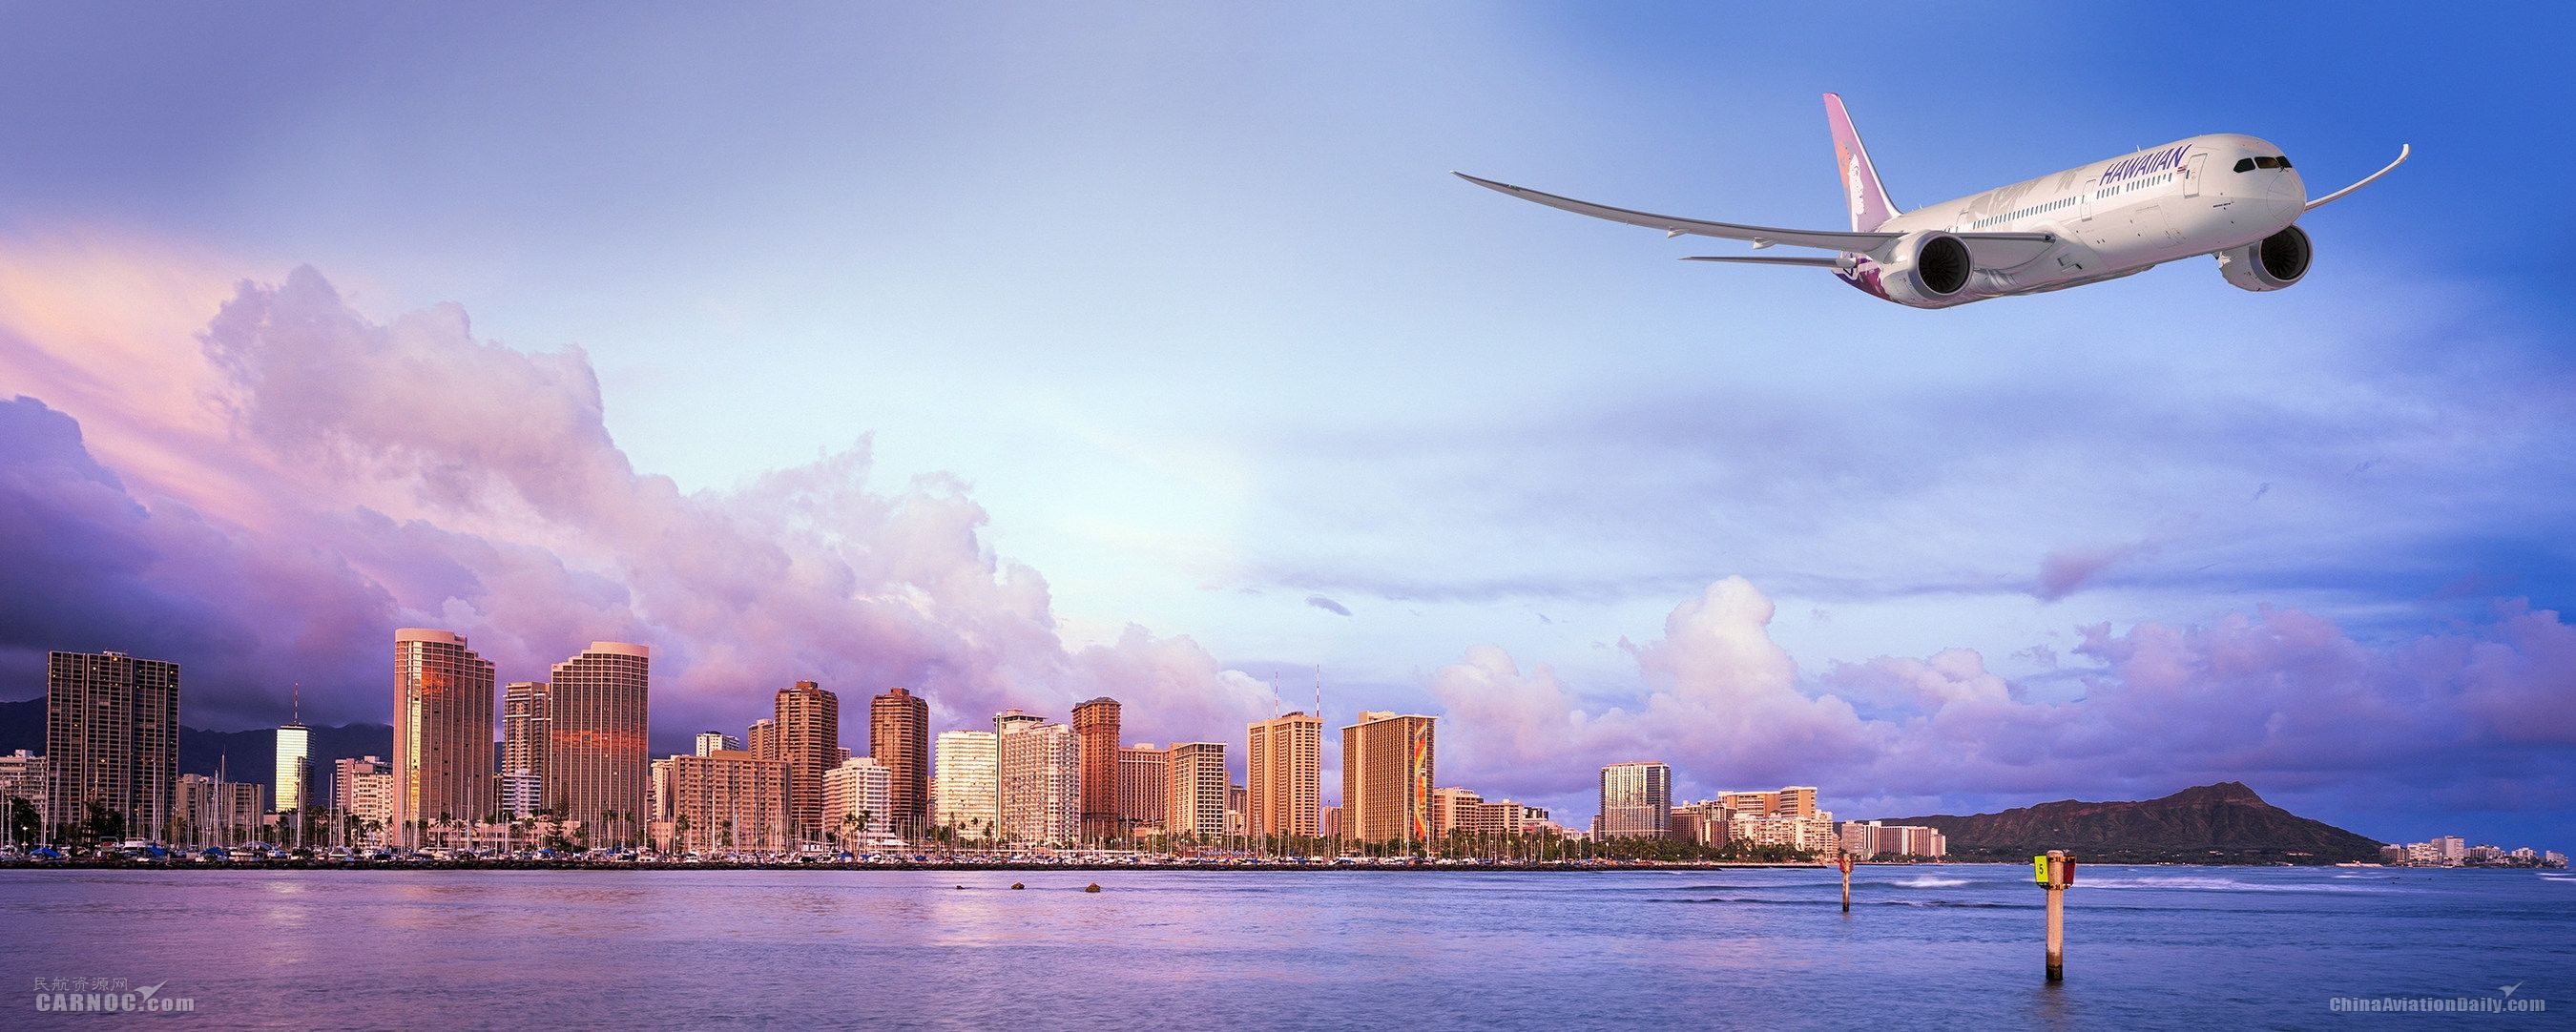 夏威夷航空宣布购买10架787梦想飞机